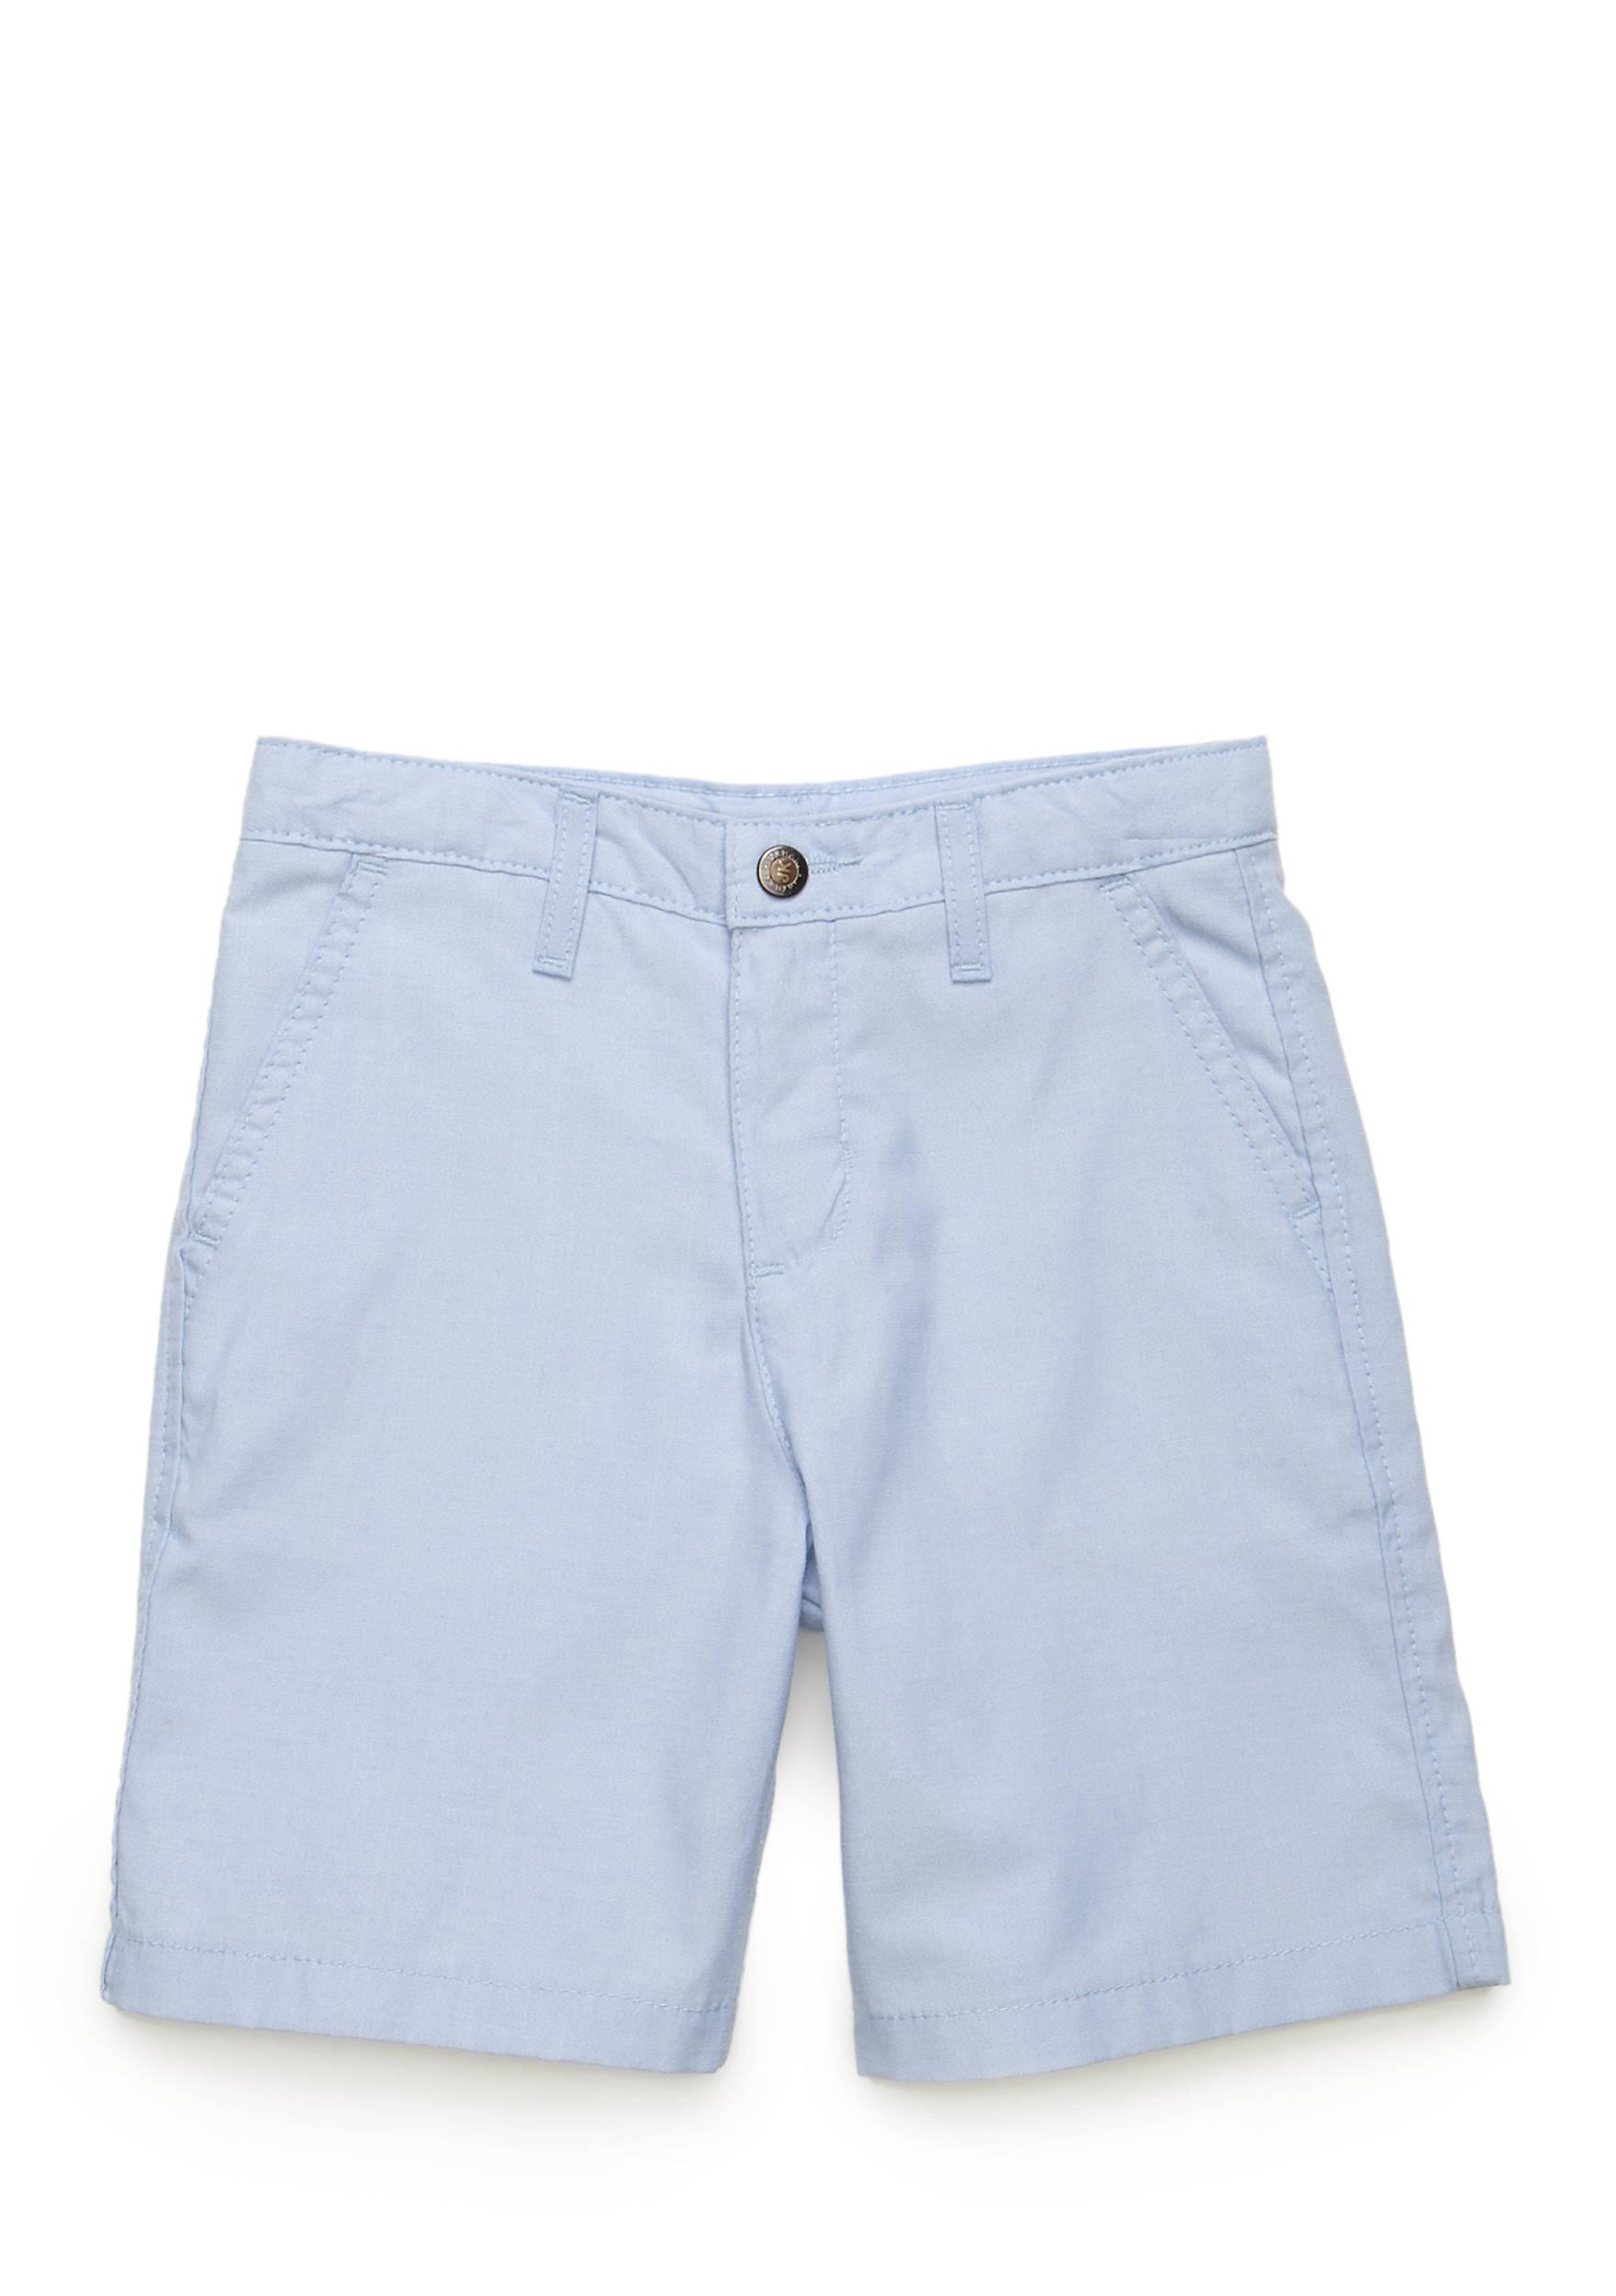 J. Khaki® J Khaki Shorts Toddler Boys | belk